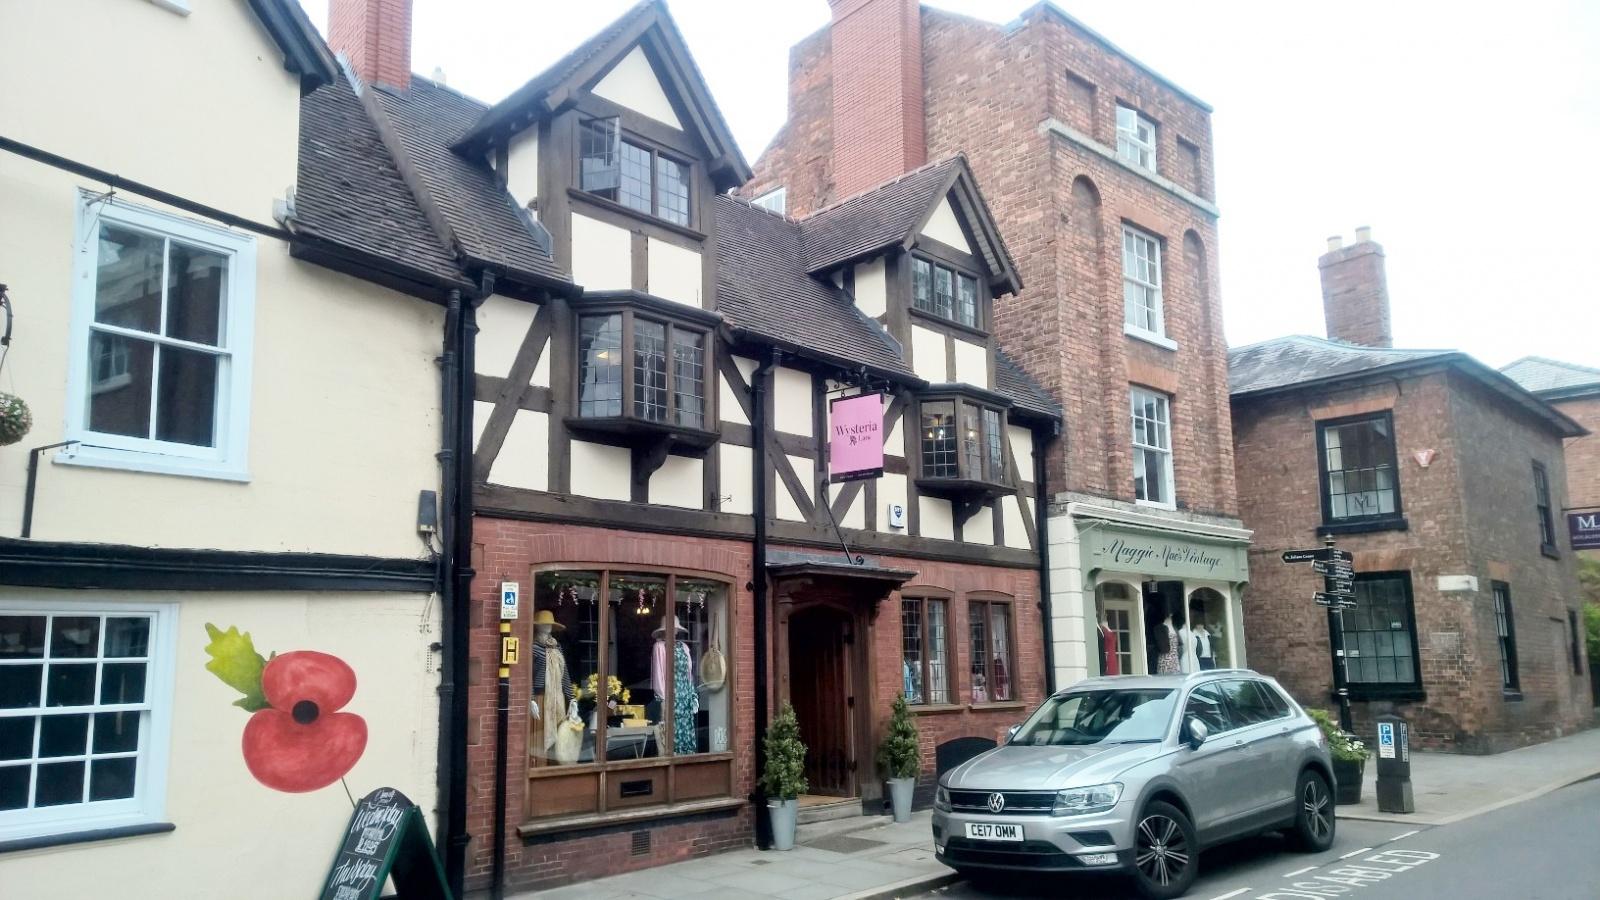 12 Dogpole, Shrewsbury, Shropshire